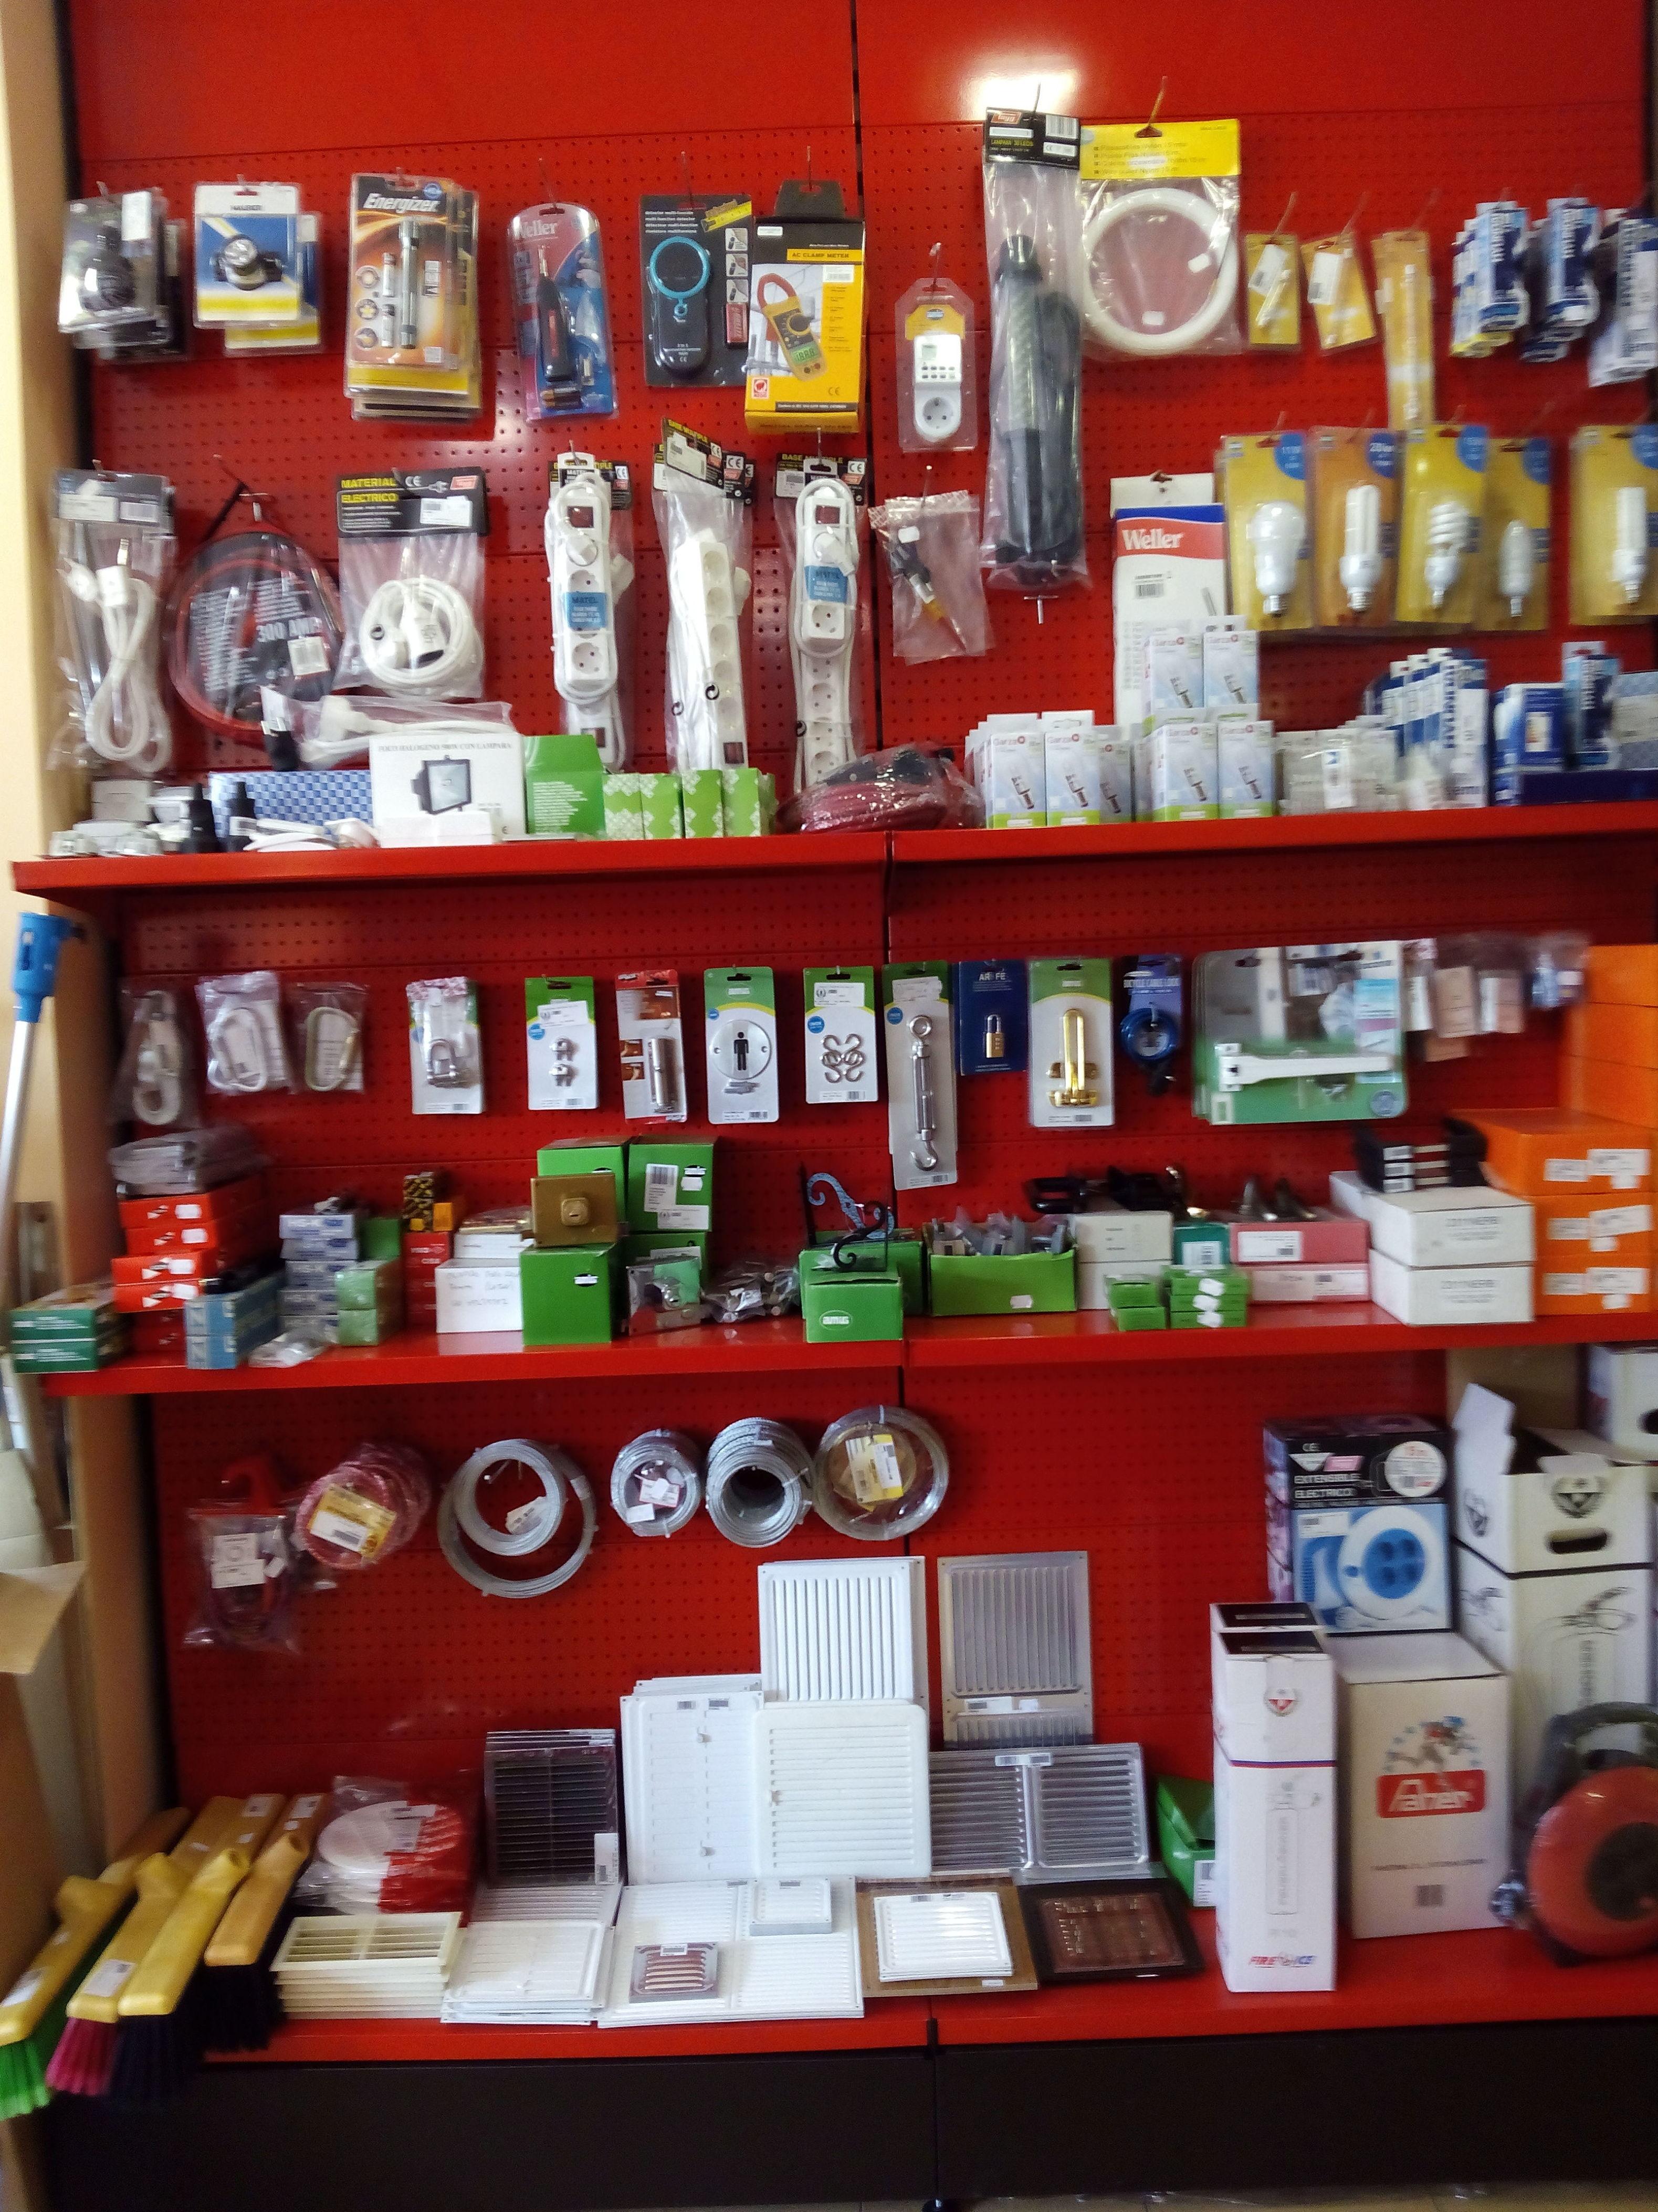 Tienda de León 8 electricidad, ventilacion)